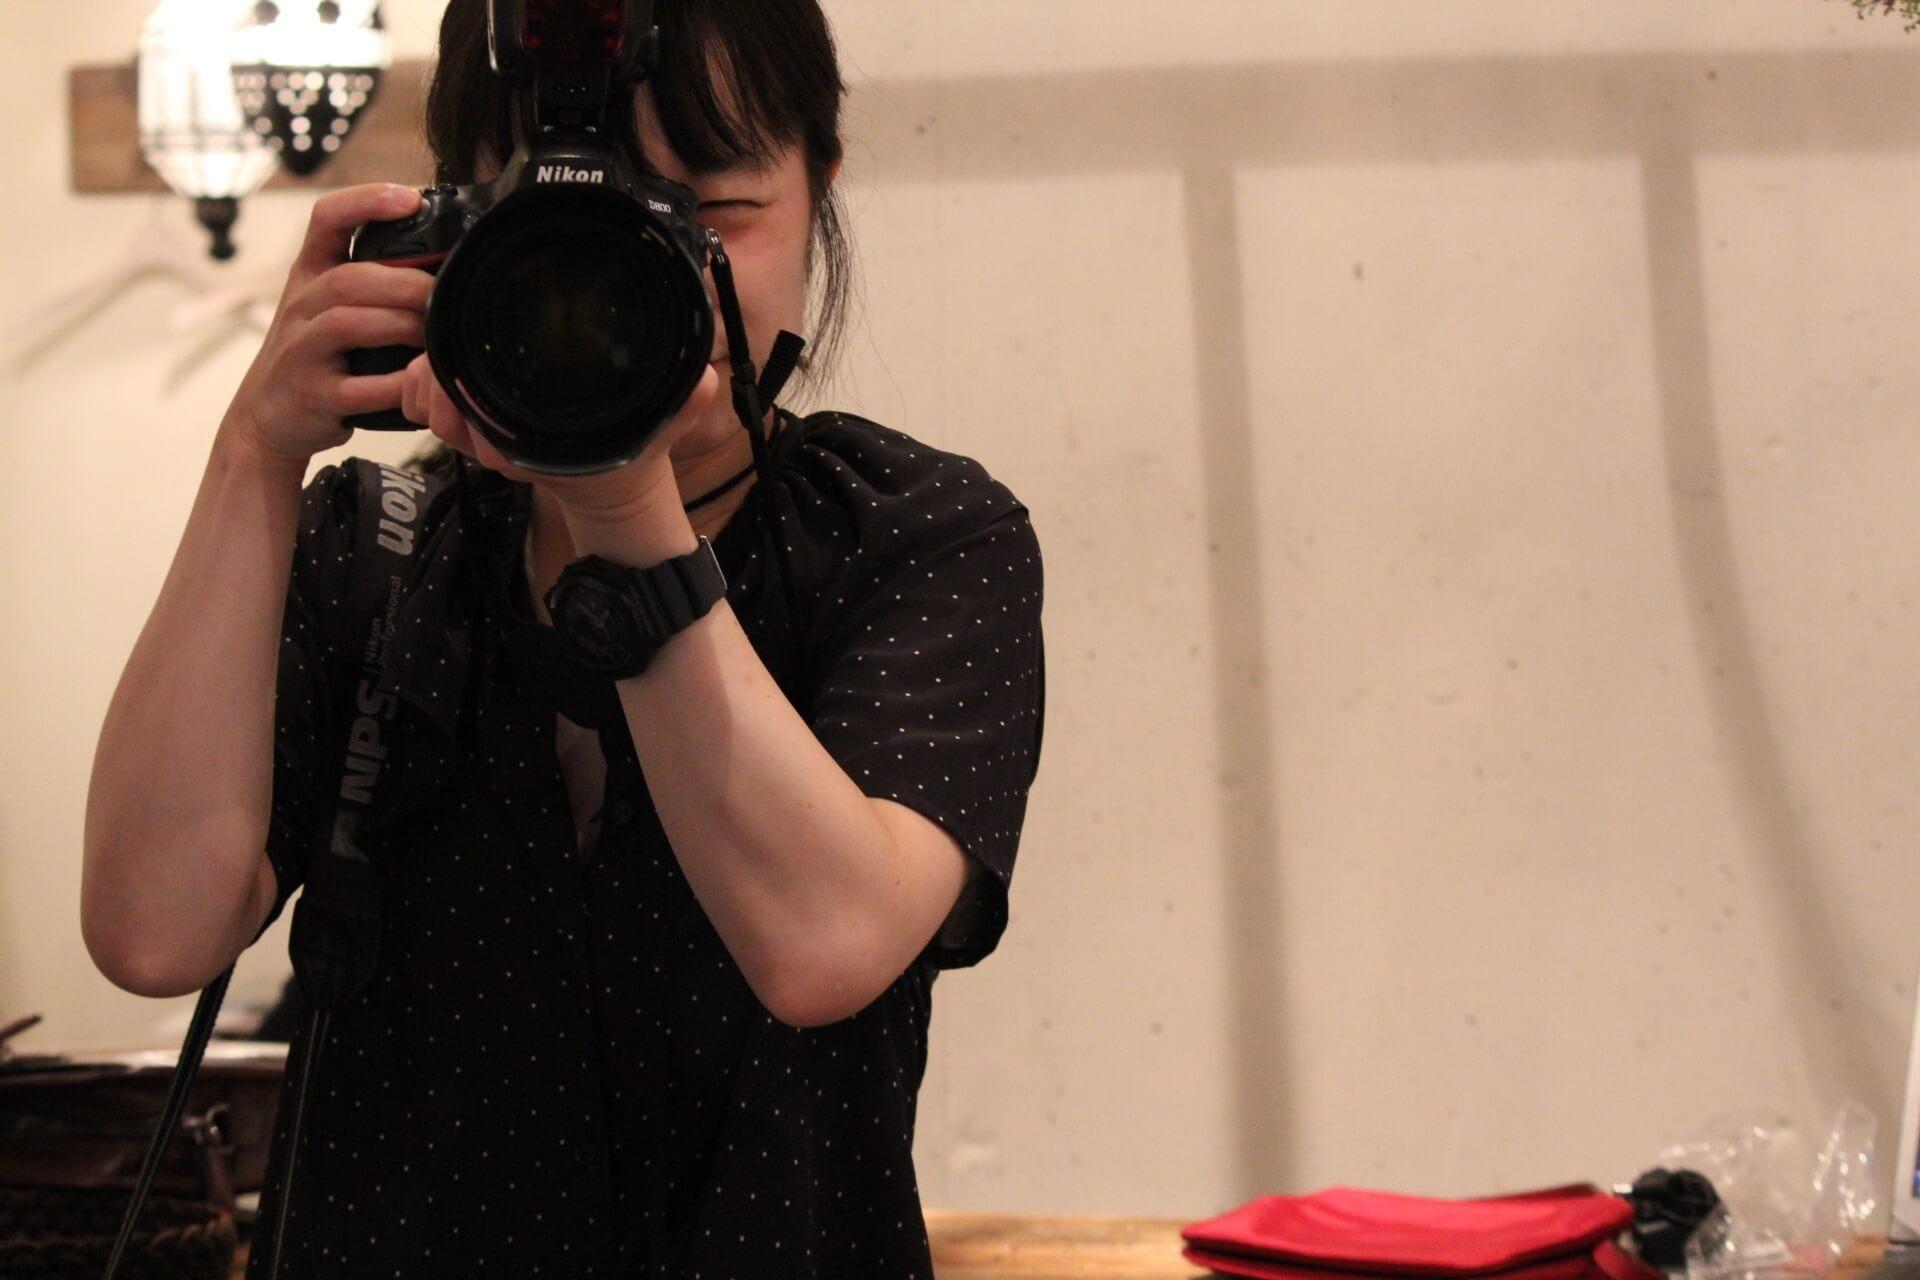 【アルバイト急募】古着・服飾小物を魅力的に撮影できるカメラ男子・カメラ女子のカバー写真